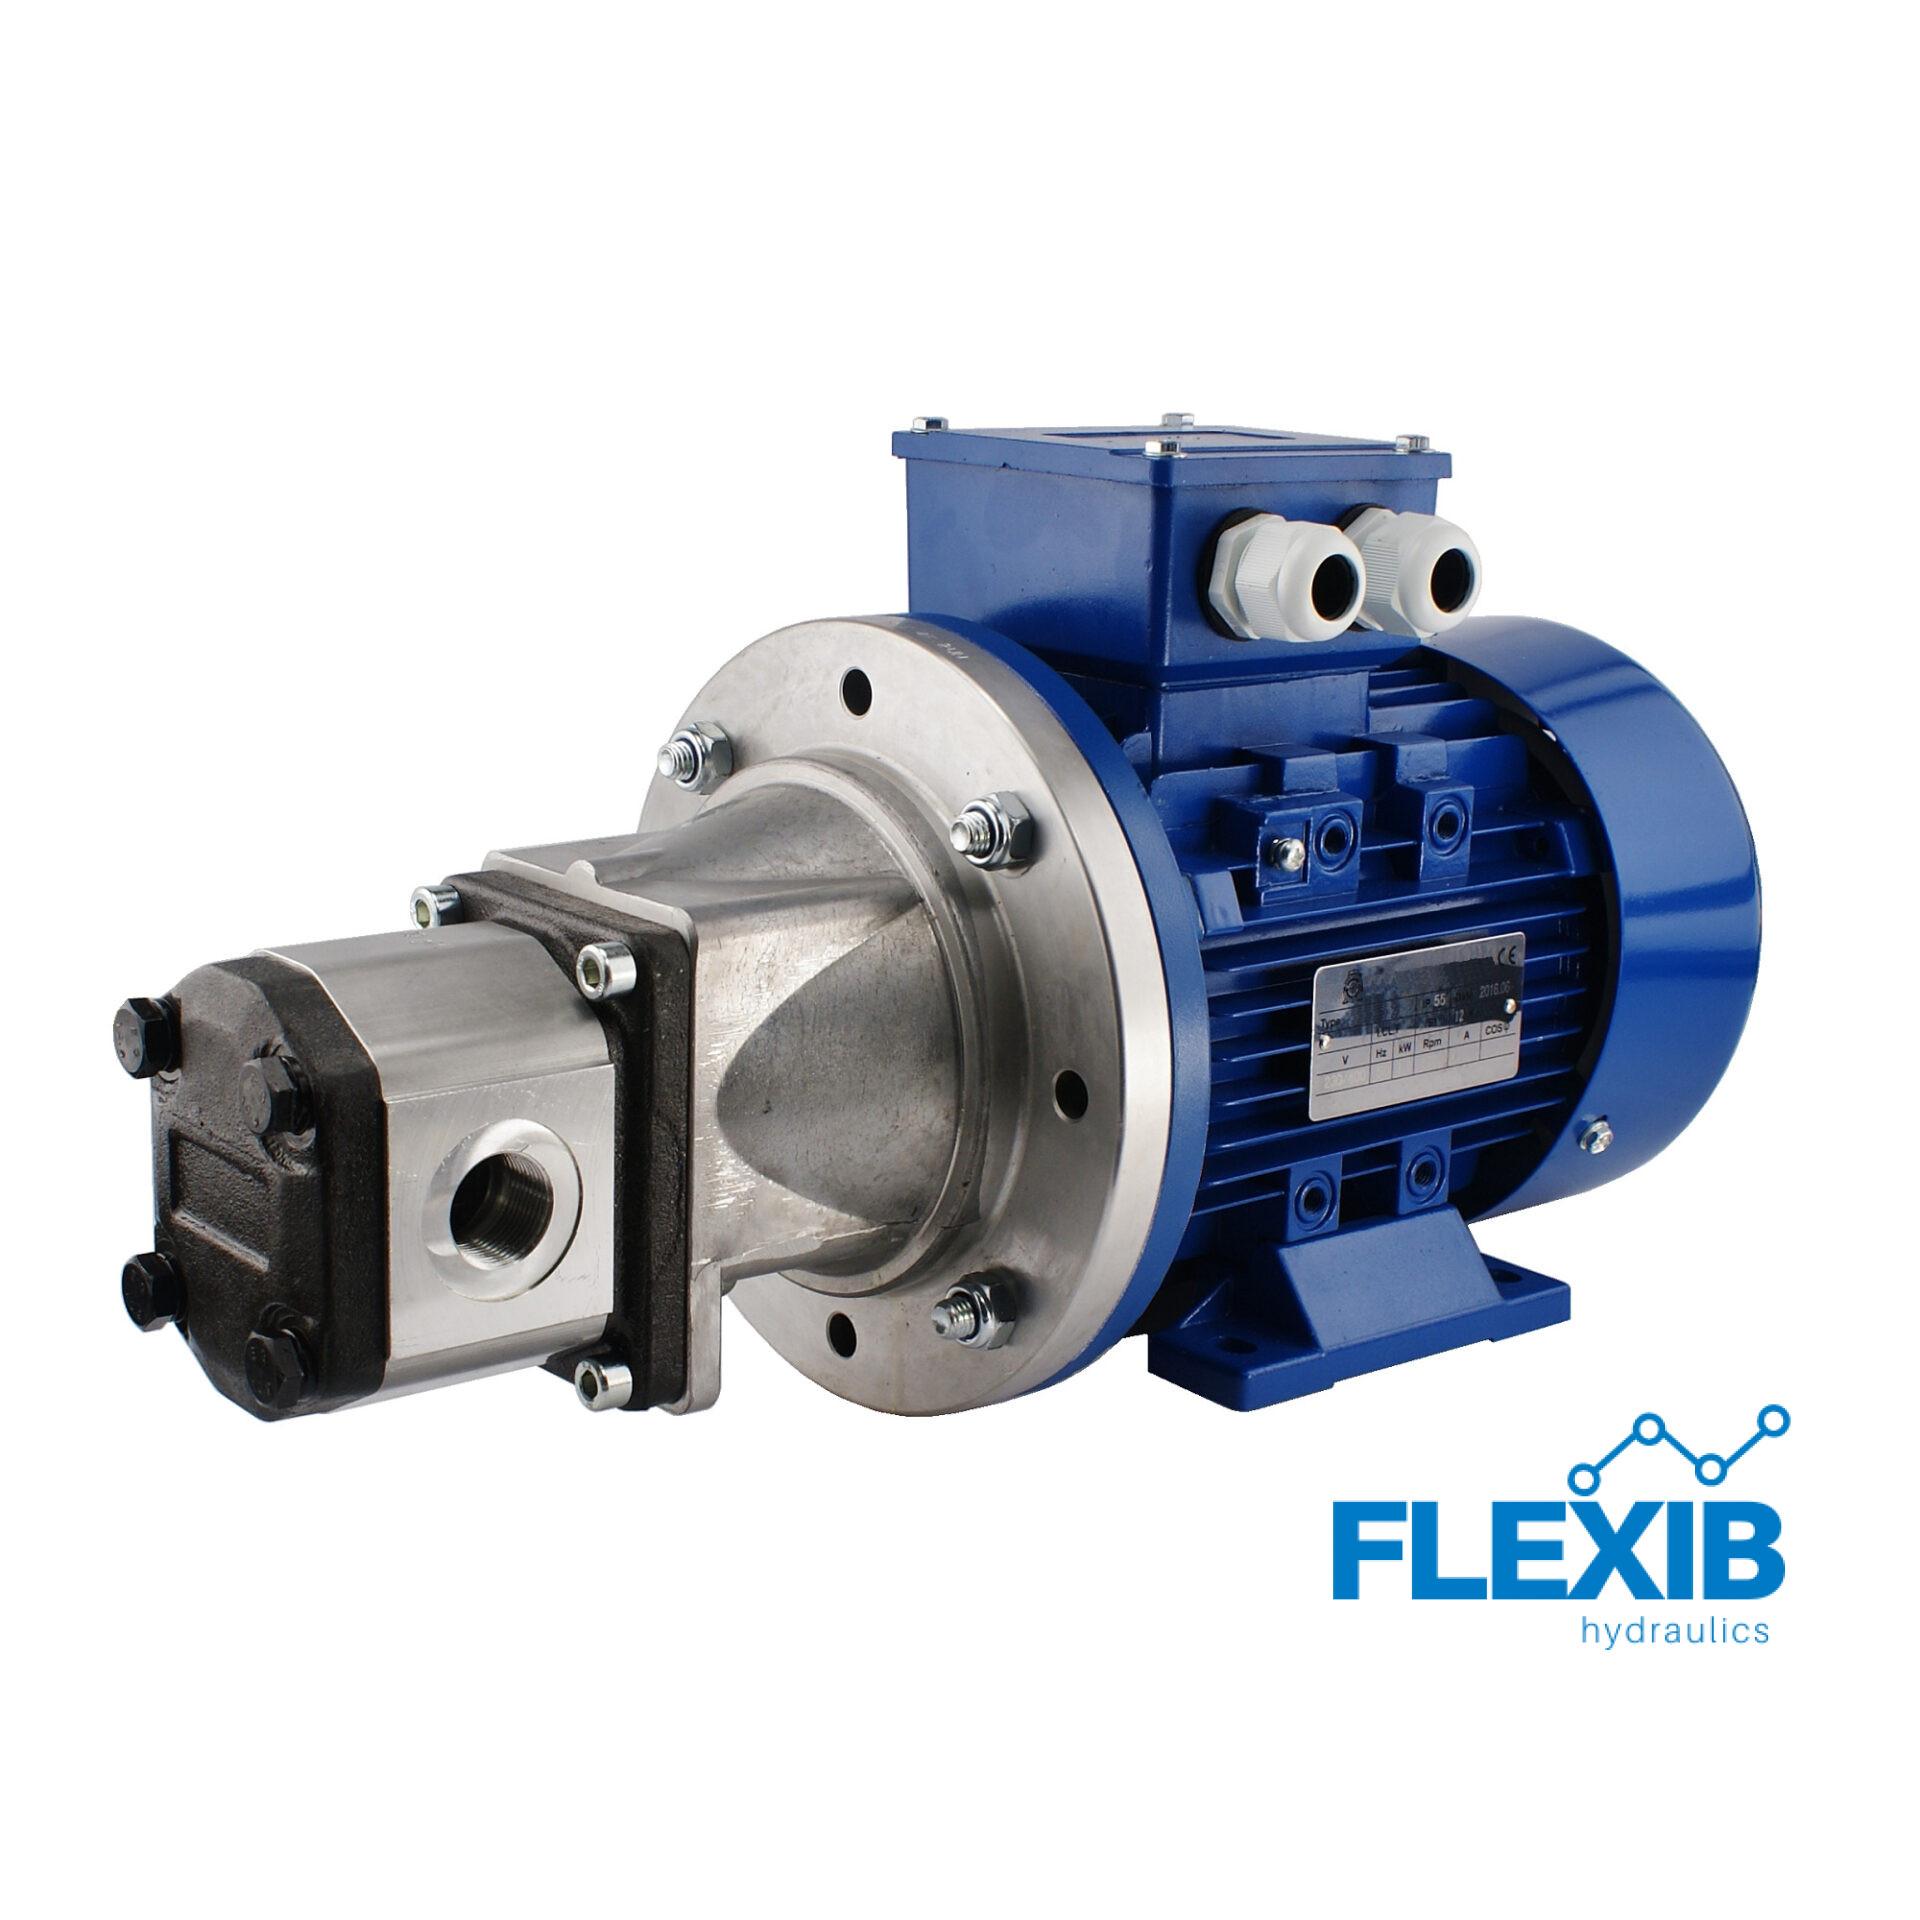 Hüdropump + 3 faasiline elektrimootor 380V 5.5kW Vaheflants, sidur ja võlli flants 12L / min CIA max rõhk: 24MPa 12L / min 12L / min